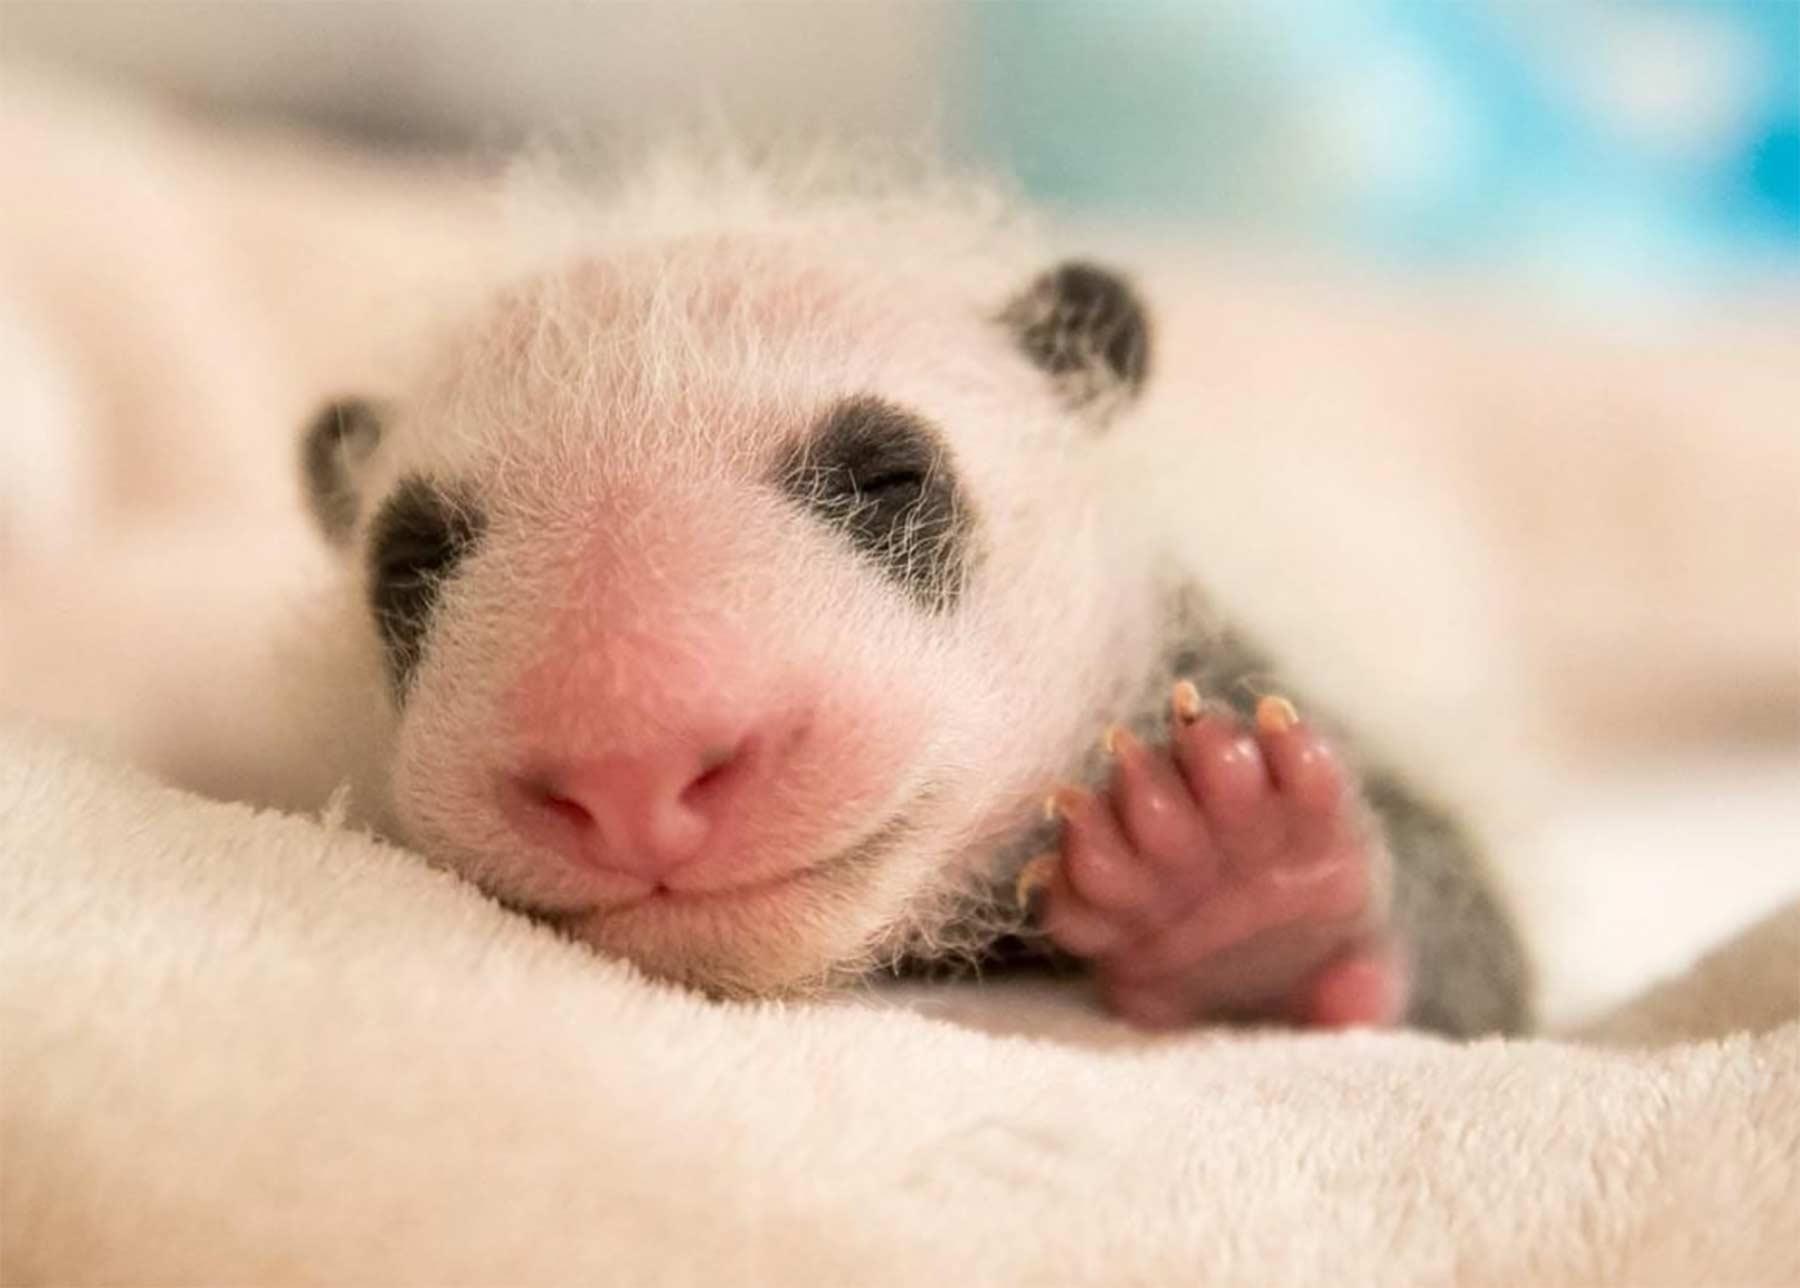 Die ersten 30 Tage im Leben eines Pandababys ersten-tage-im-leben-eines-pandas